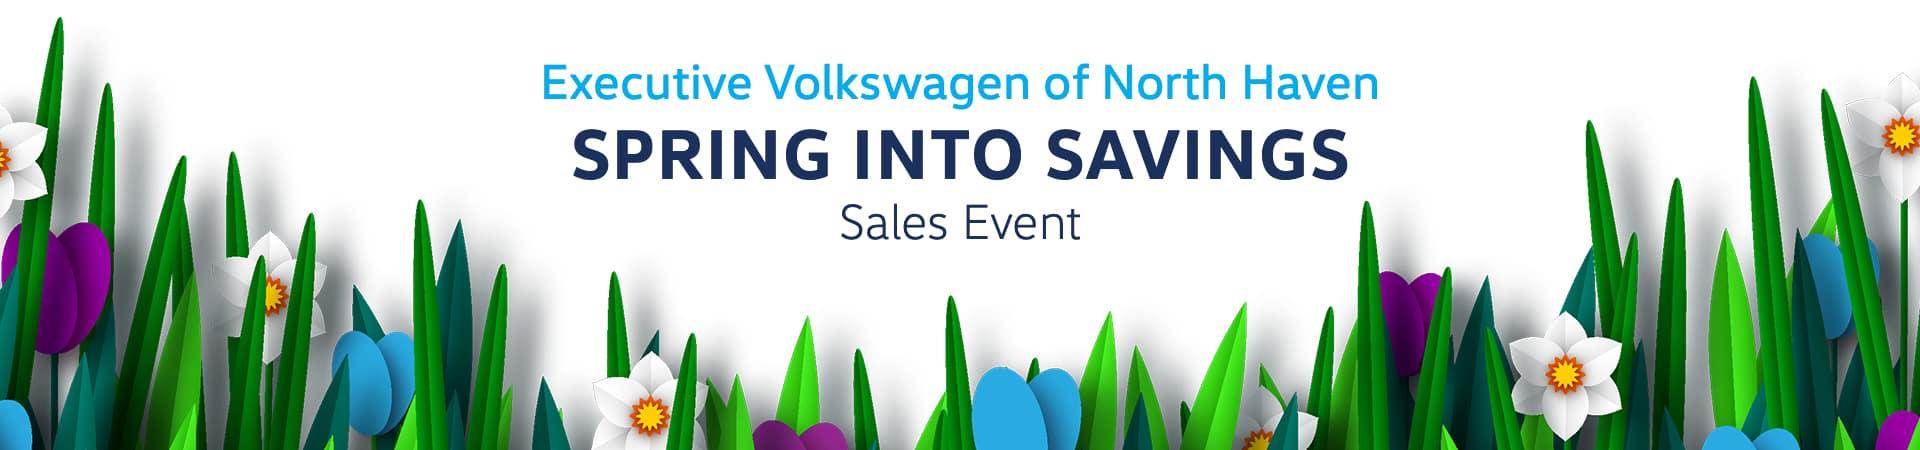 VW_Spring-Into-Savings